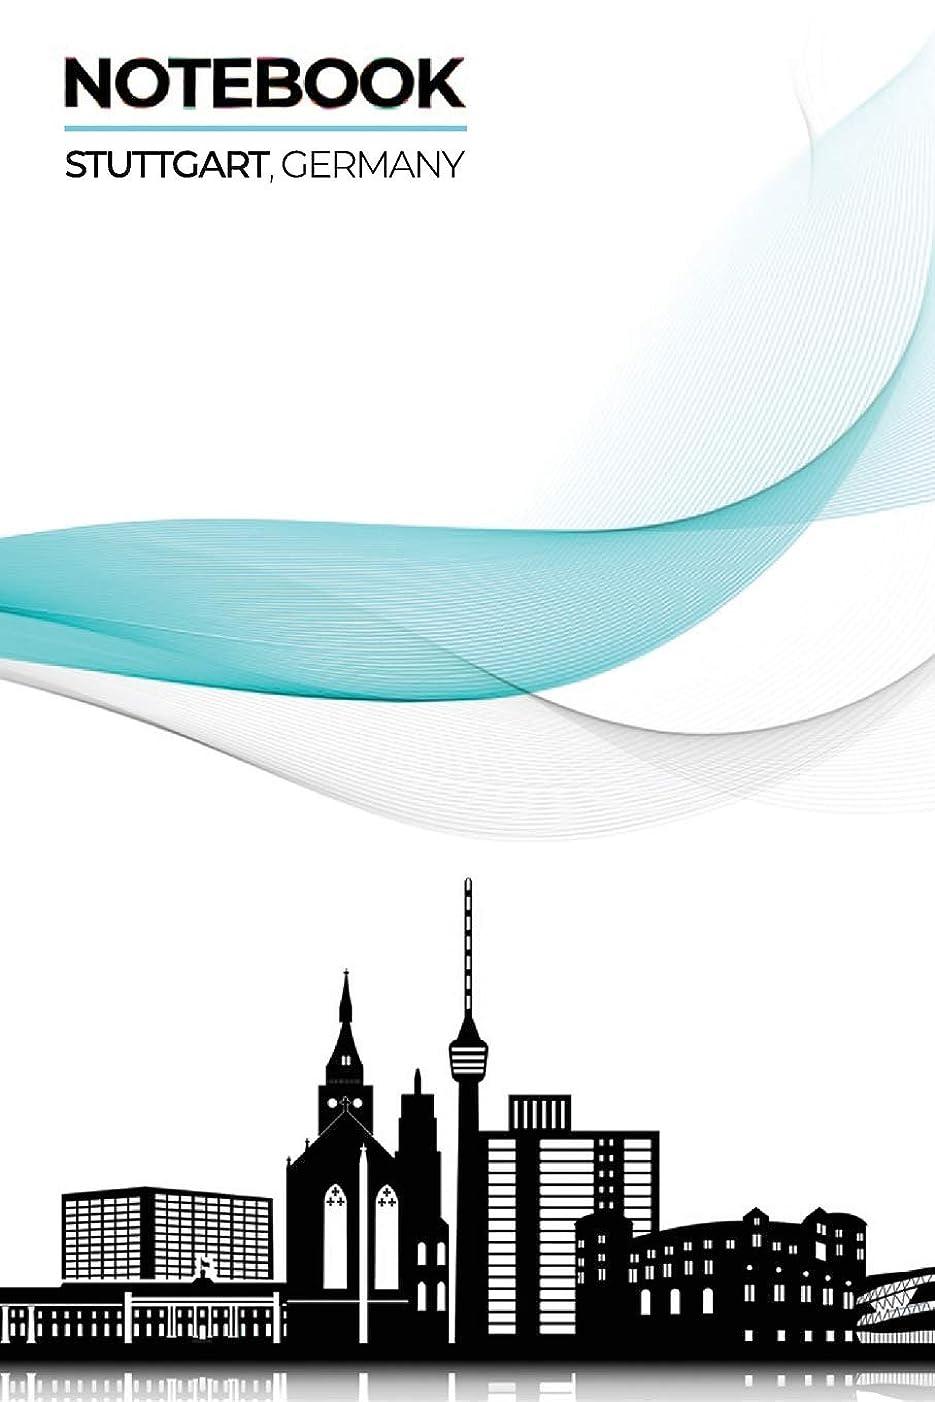 かき混ぜるエクスタシー偶然のNotebook Stuttgart, Germany: ~ Lined Ruled with Notes Section Box Modern City Skyline Themed Notebooks and Journals